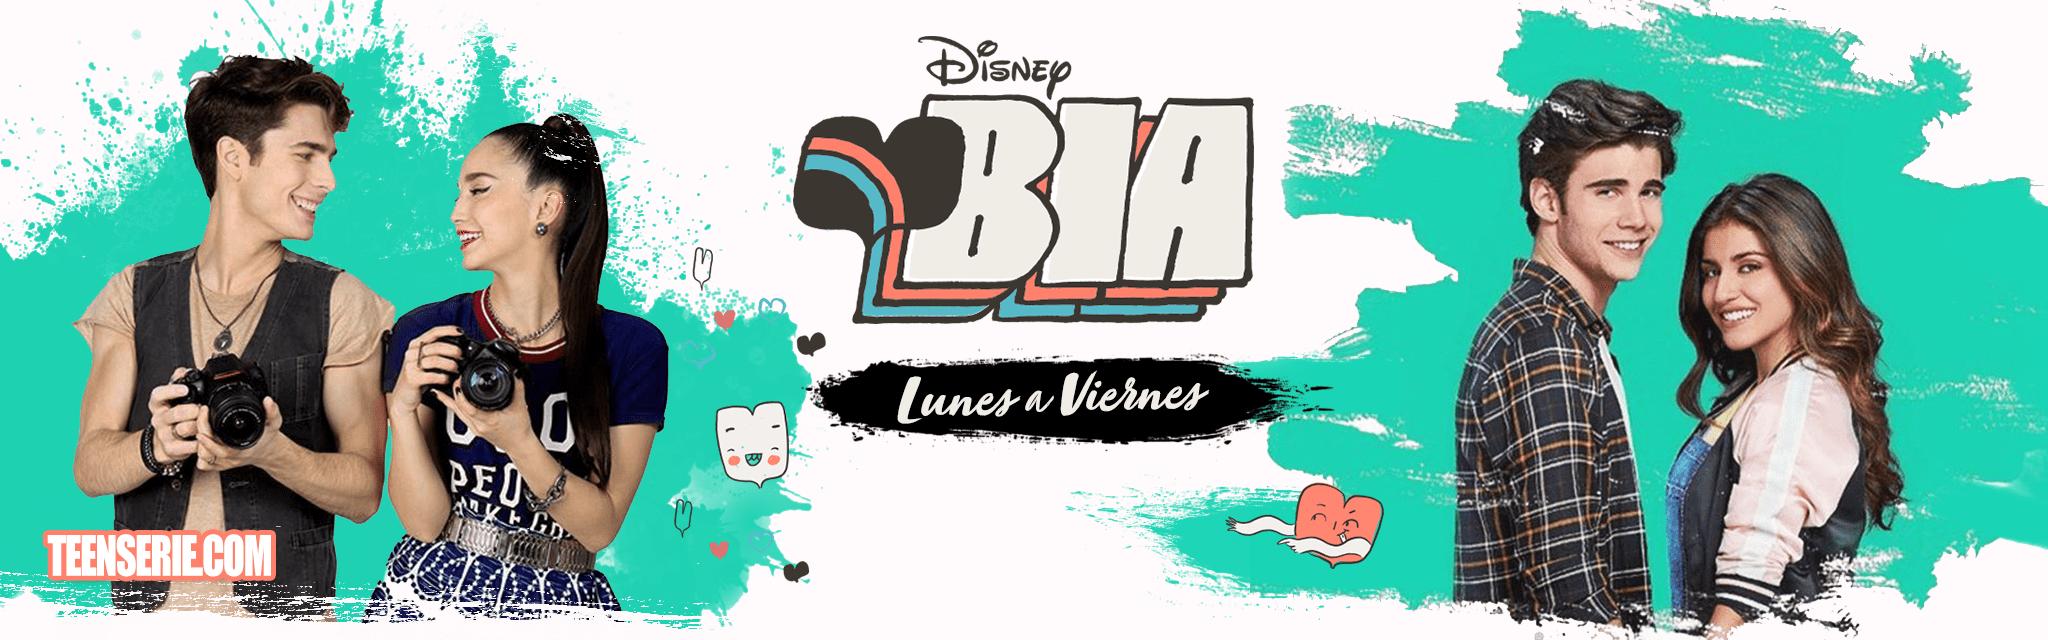 Teen Serie | Tu serie favorita: BIA Y GO